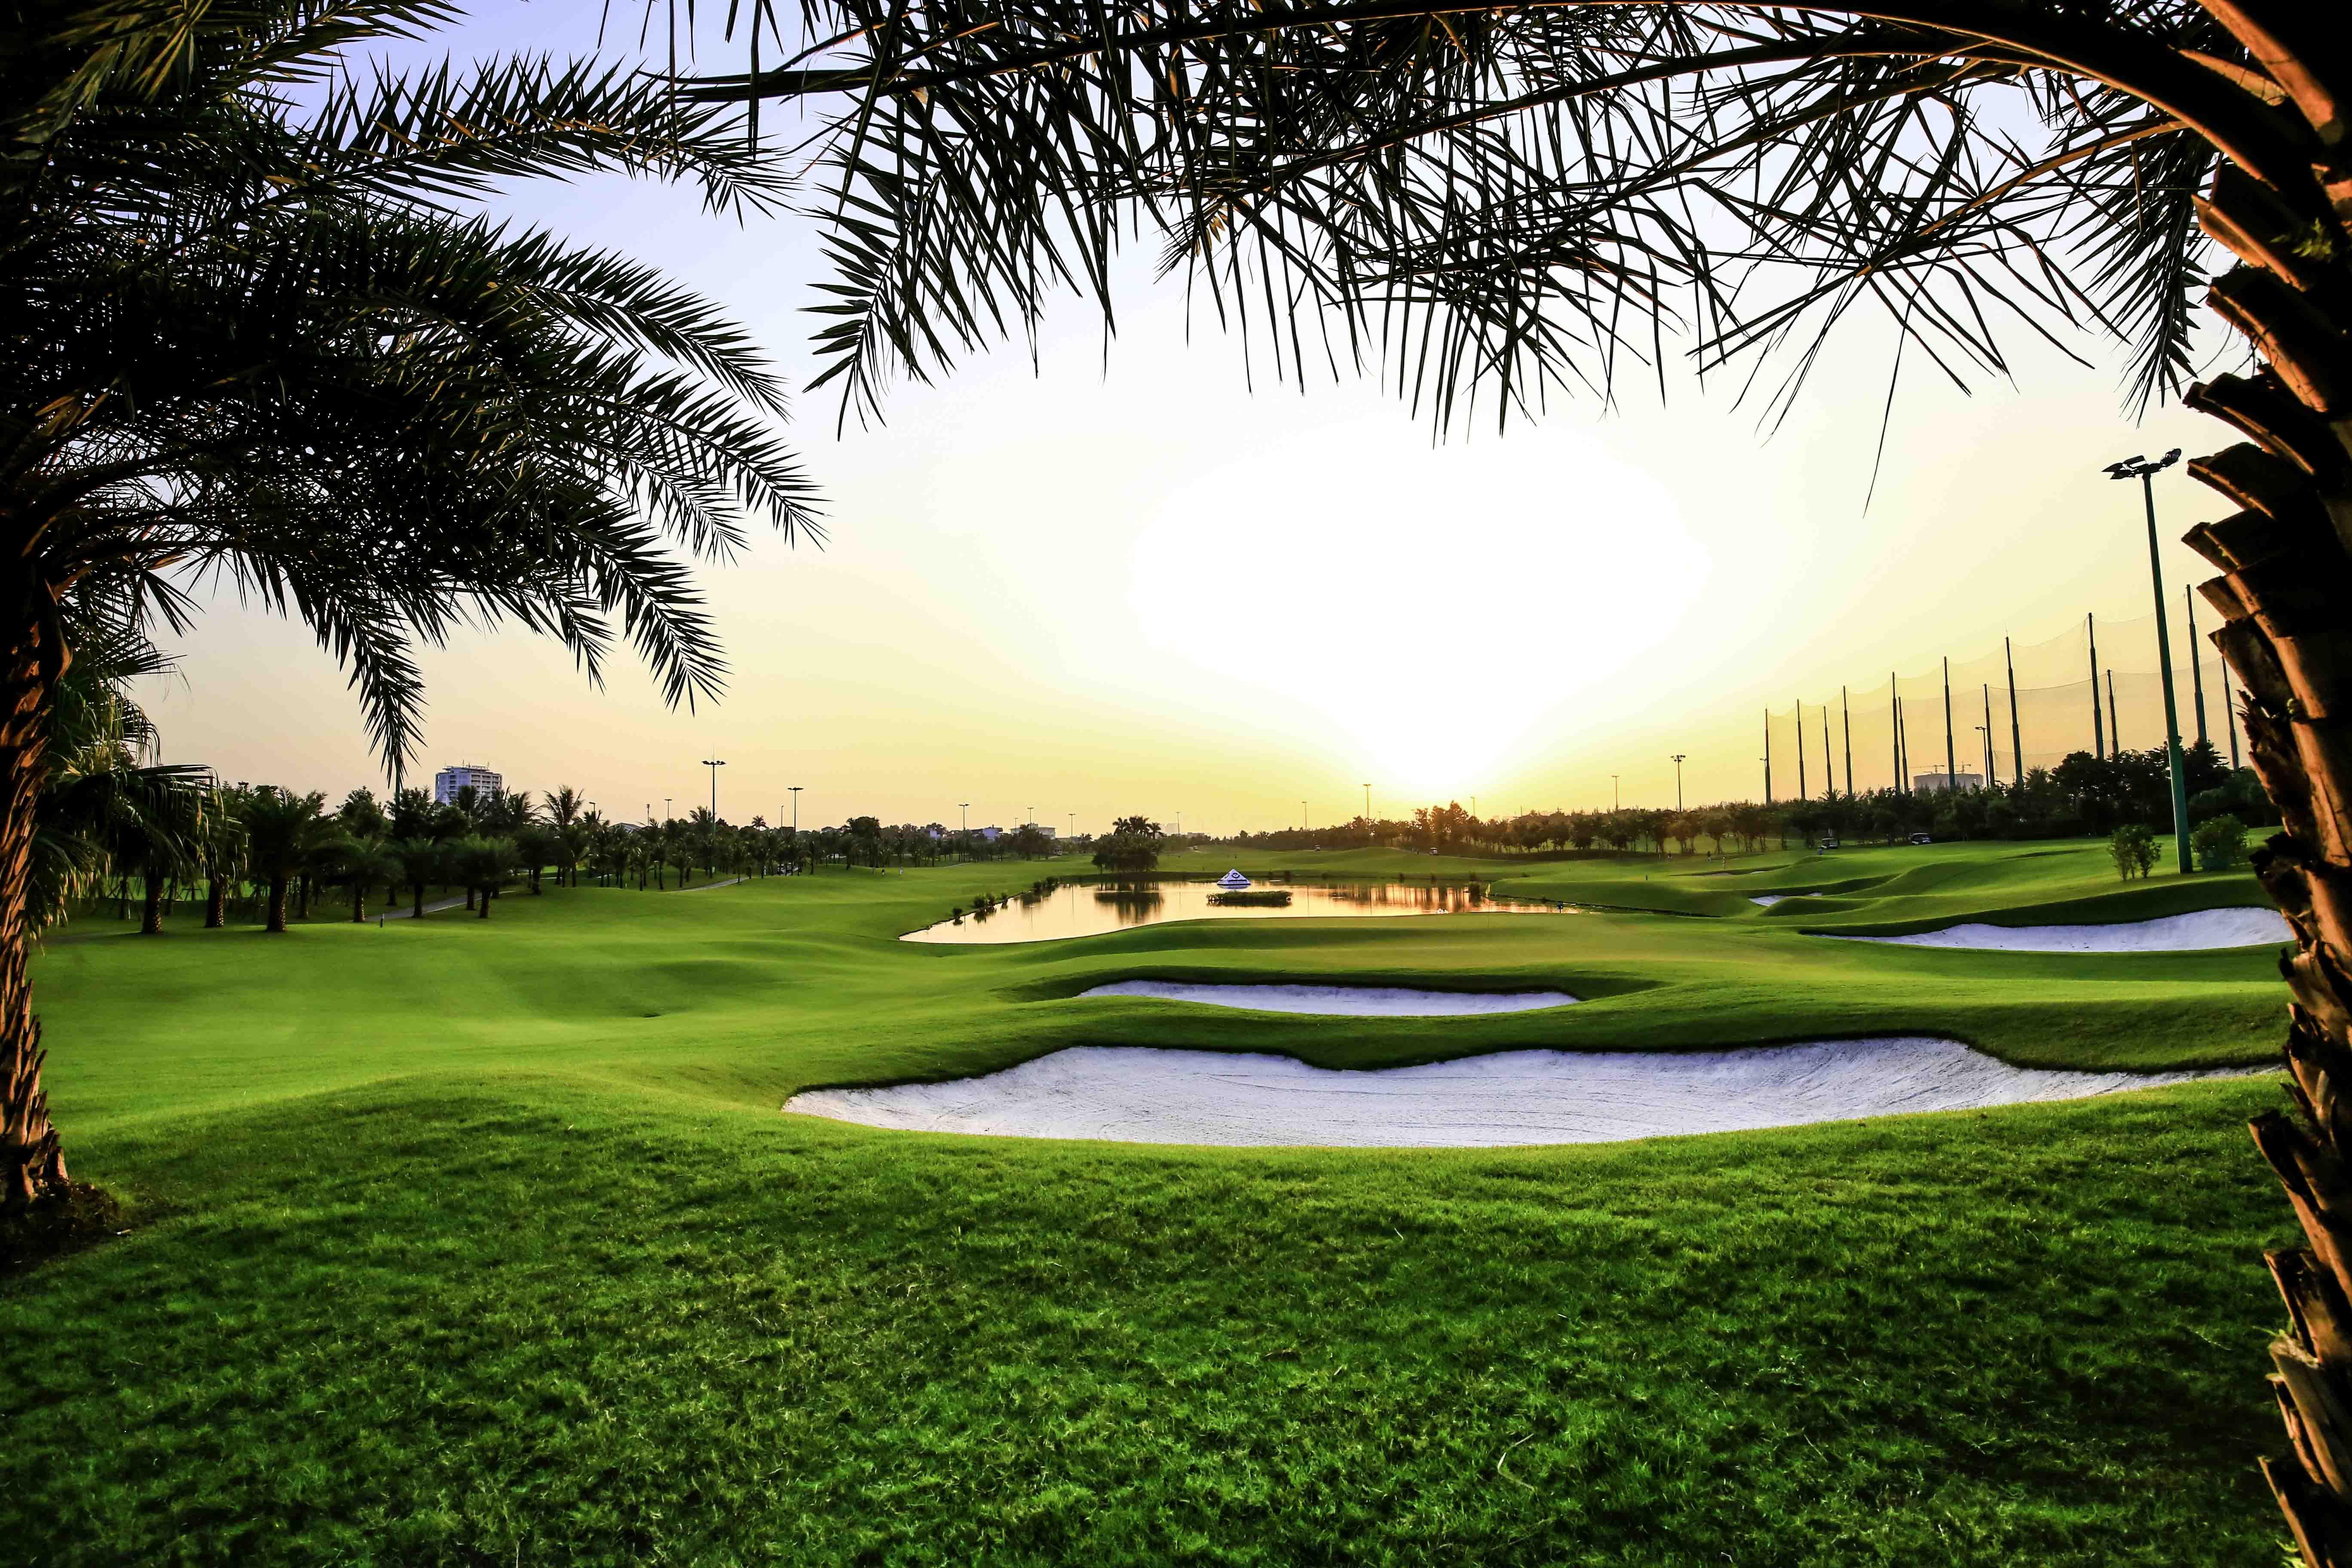 Danh Sách Khách Hàng đạt Hole In One - Sân Golf Long Biên